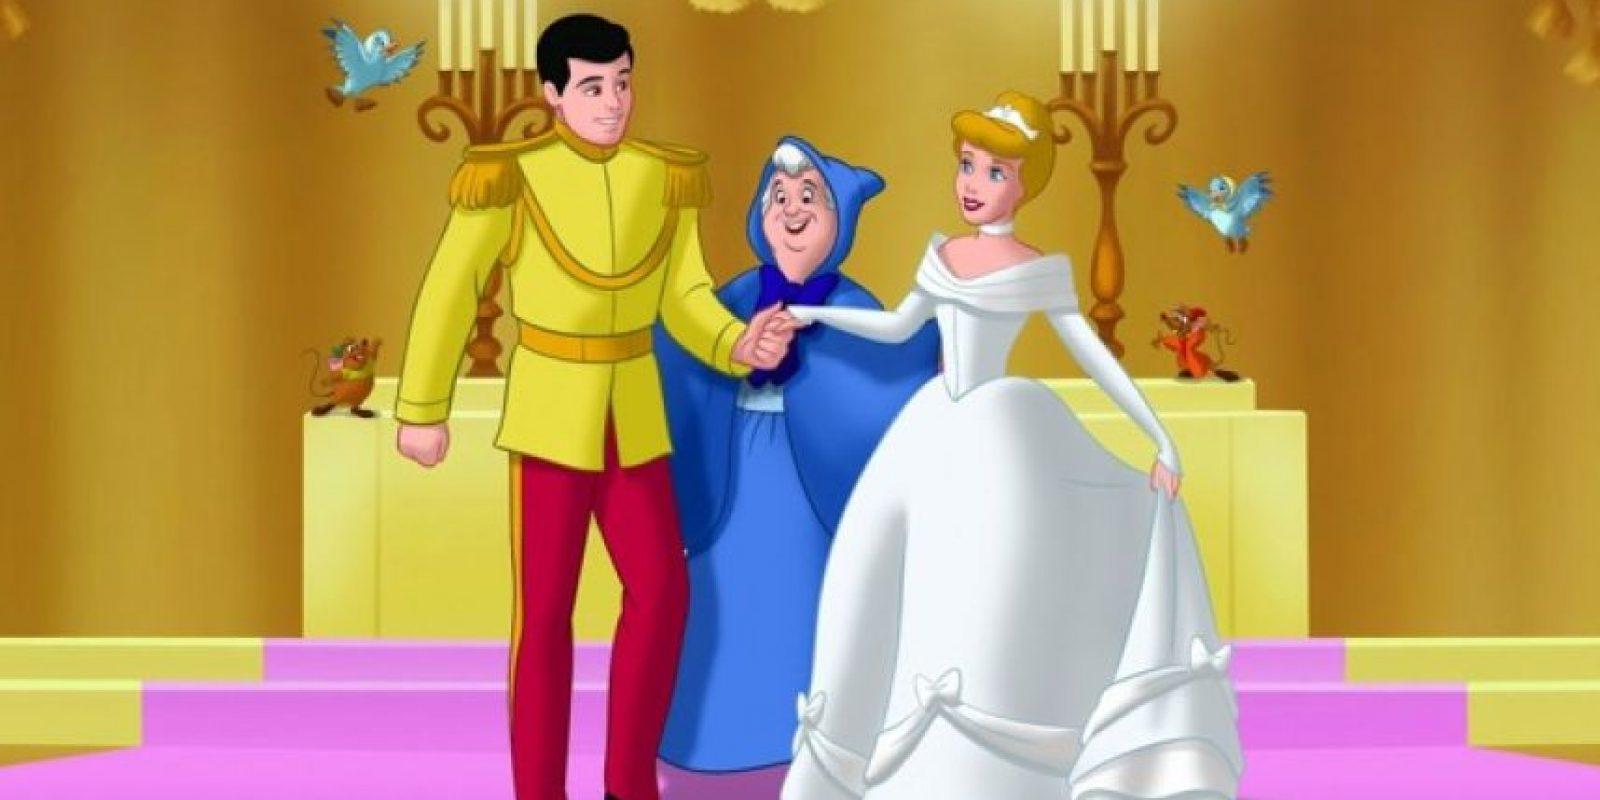 """Disney se encuentra preparando una cinta basada en la historia del """"Príncipe Encantador"""" de la """"Cenicienta"""". Foto:Disney"""